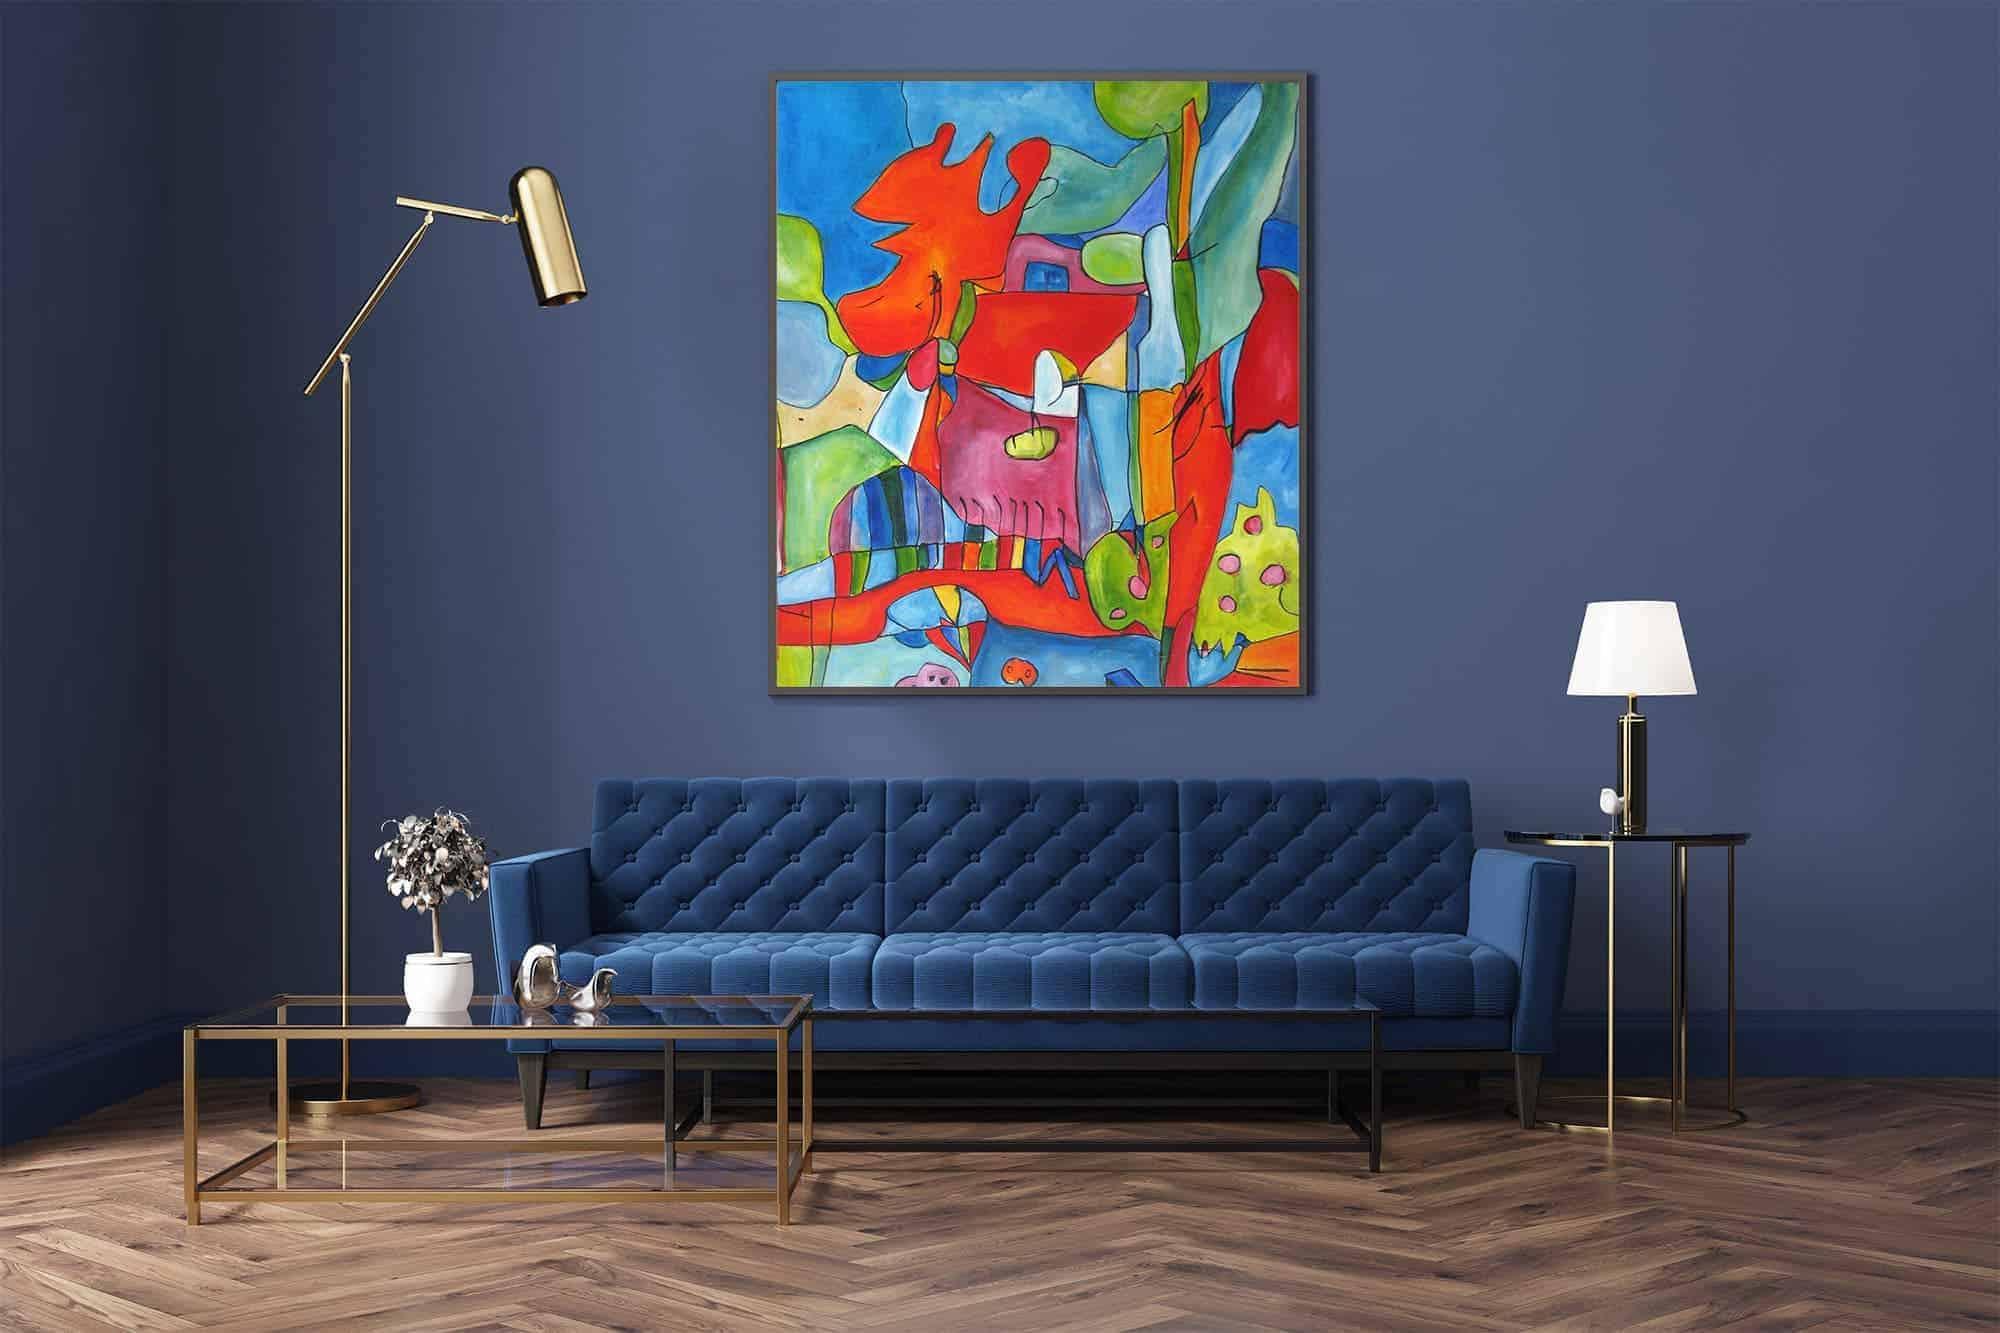 Bilder Richtig Aufhängen So Hängen Sie Gemälde An Die Wand